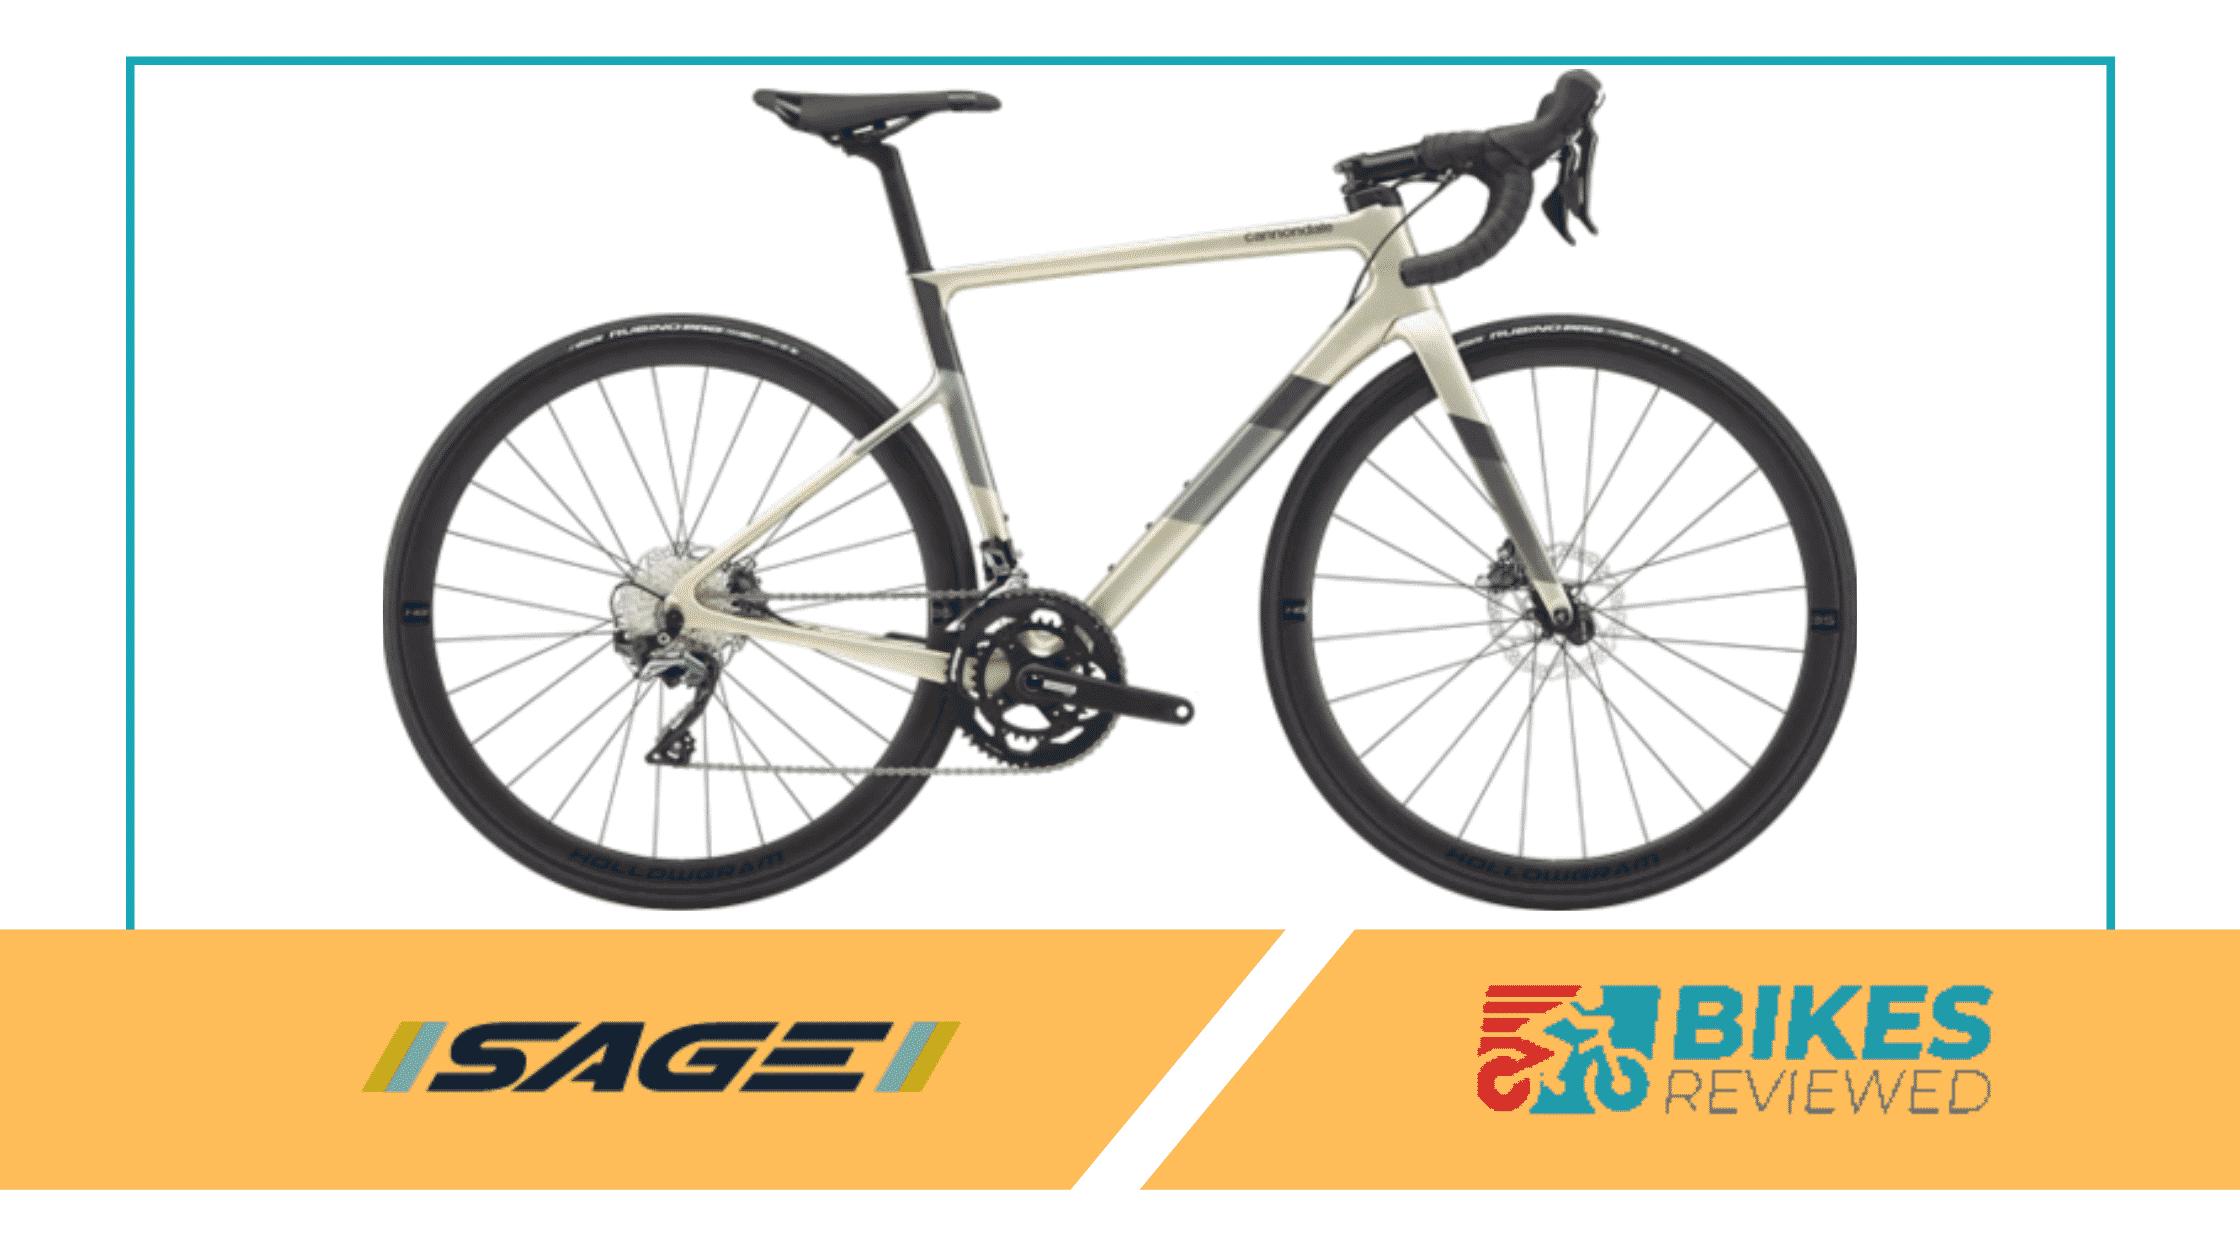 Sage Titanium bicycles